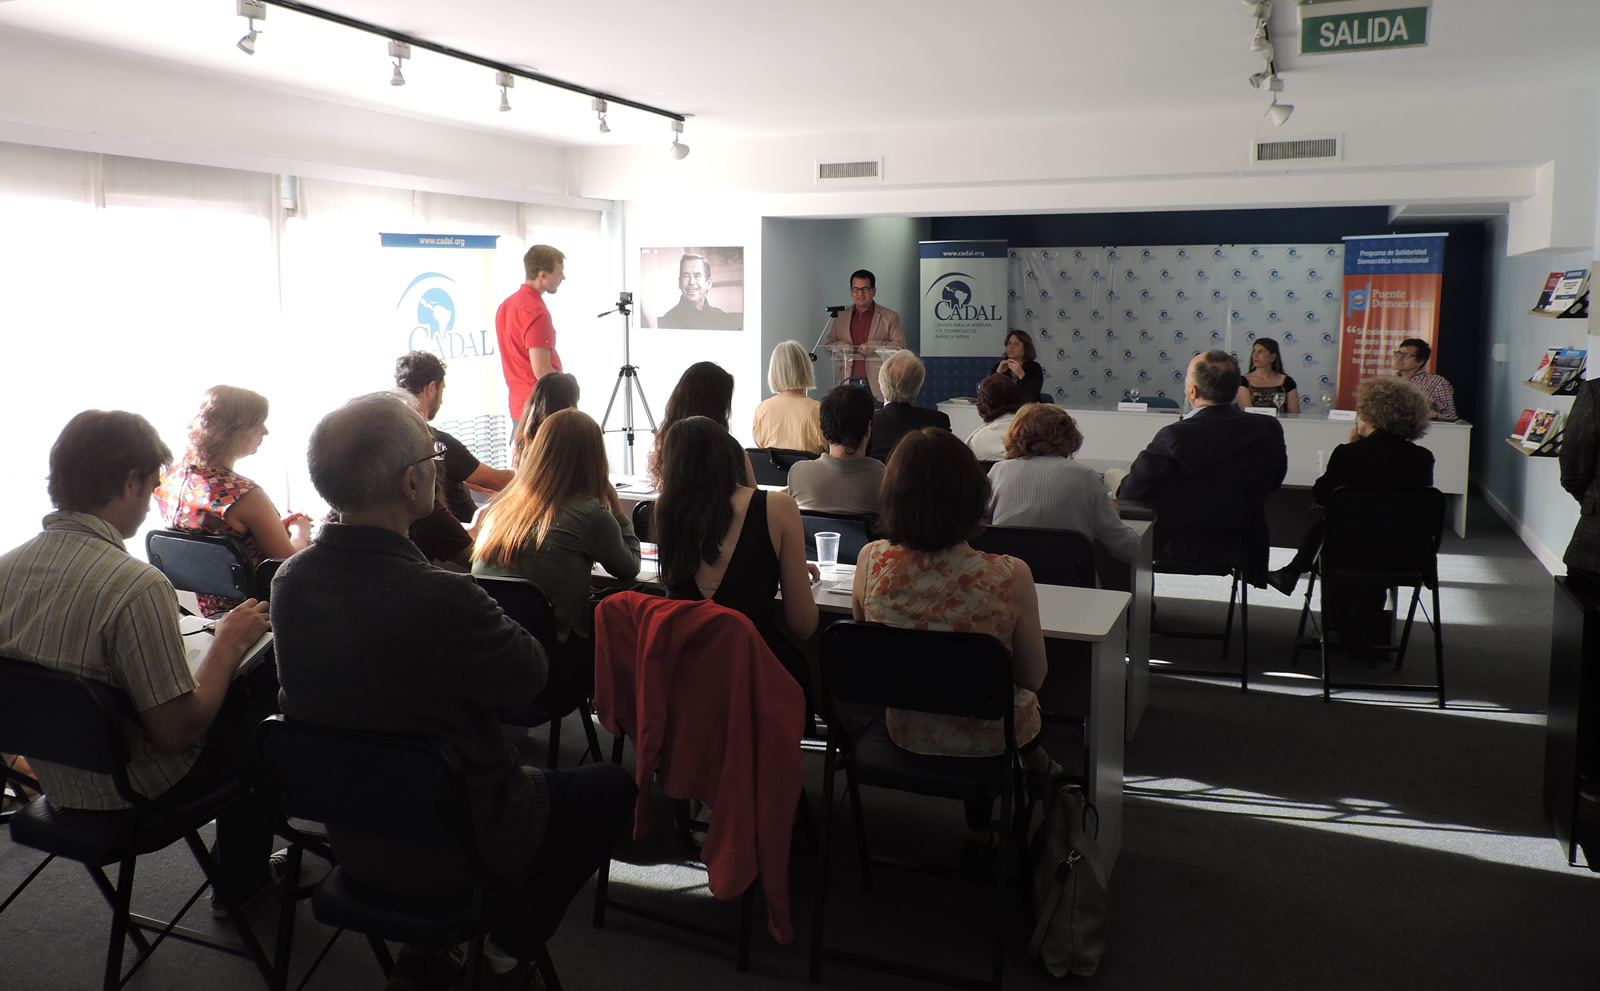 Cuba: escenarios políticos y repercusiones mediáticas